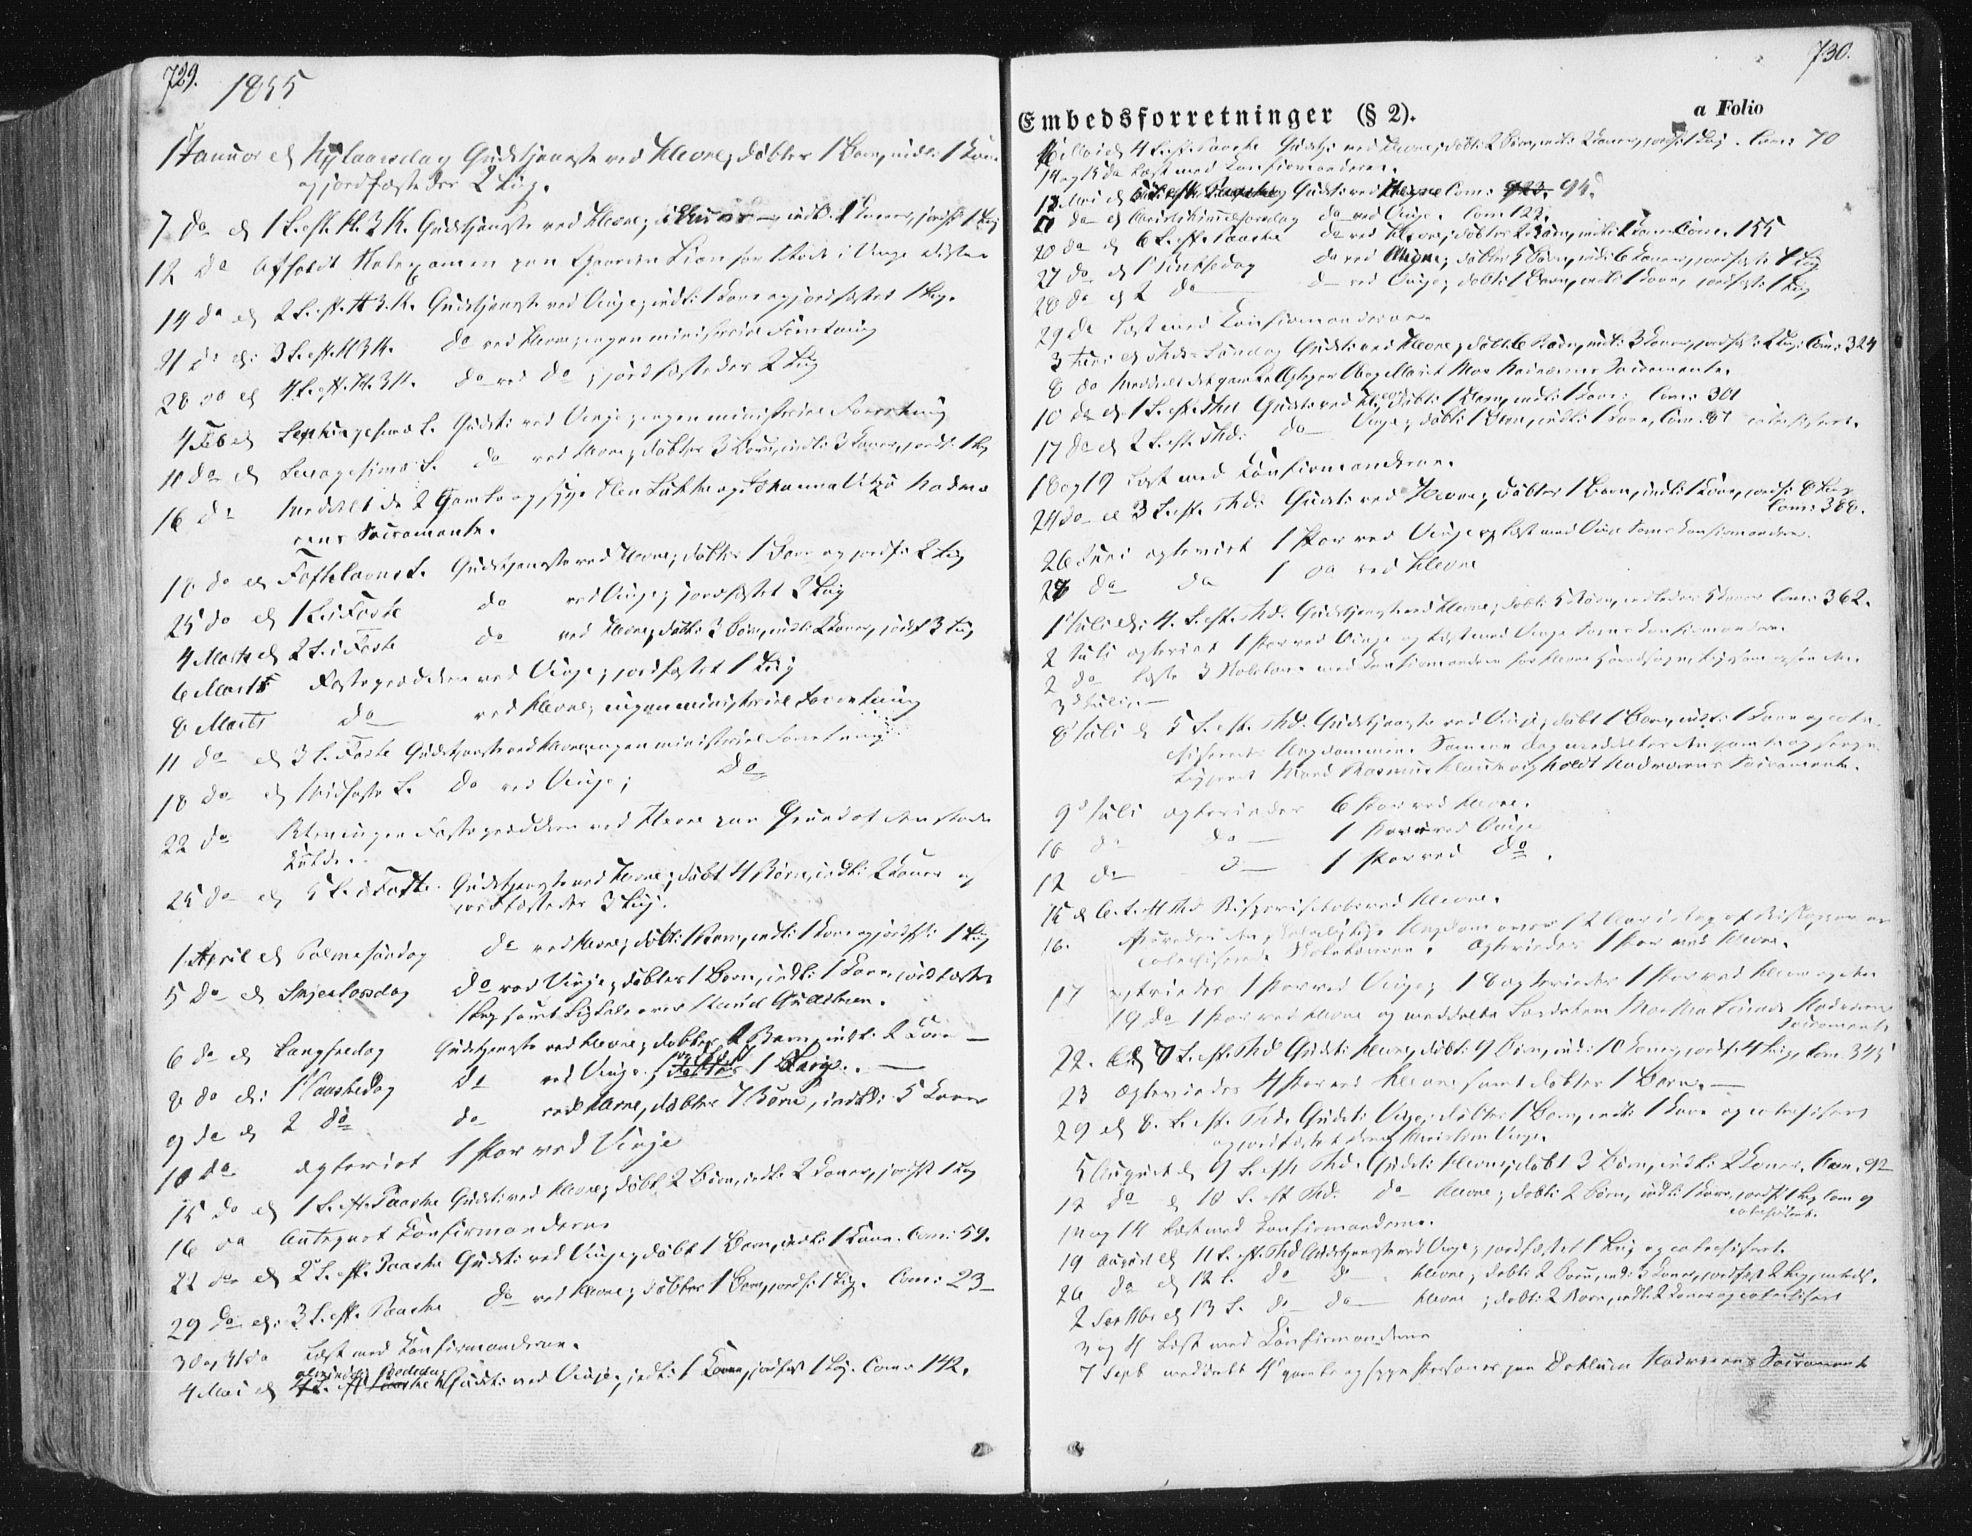 SAT, Ministerialprotokoller, klokkerbøker og fødselsregistre - Sør-Trøndelag, 630/L0494: Ministerialbok nr. 630A07, 1852-1868, s. 729-730